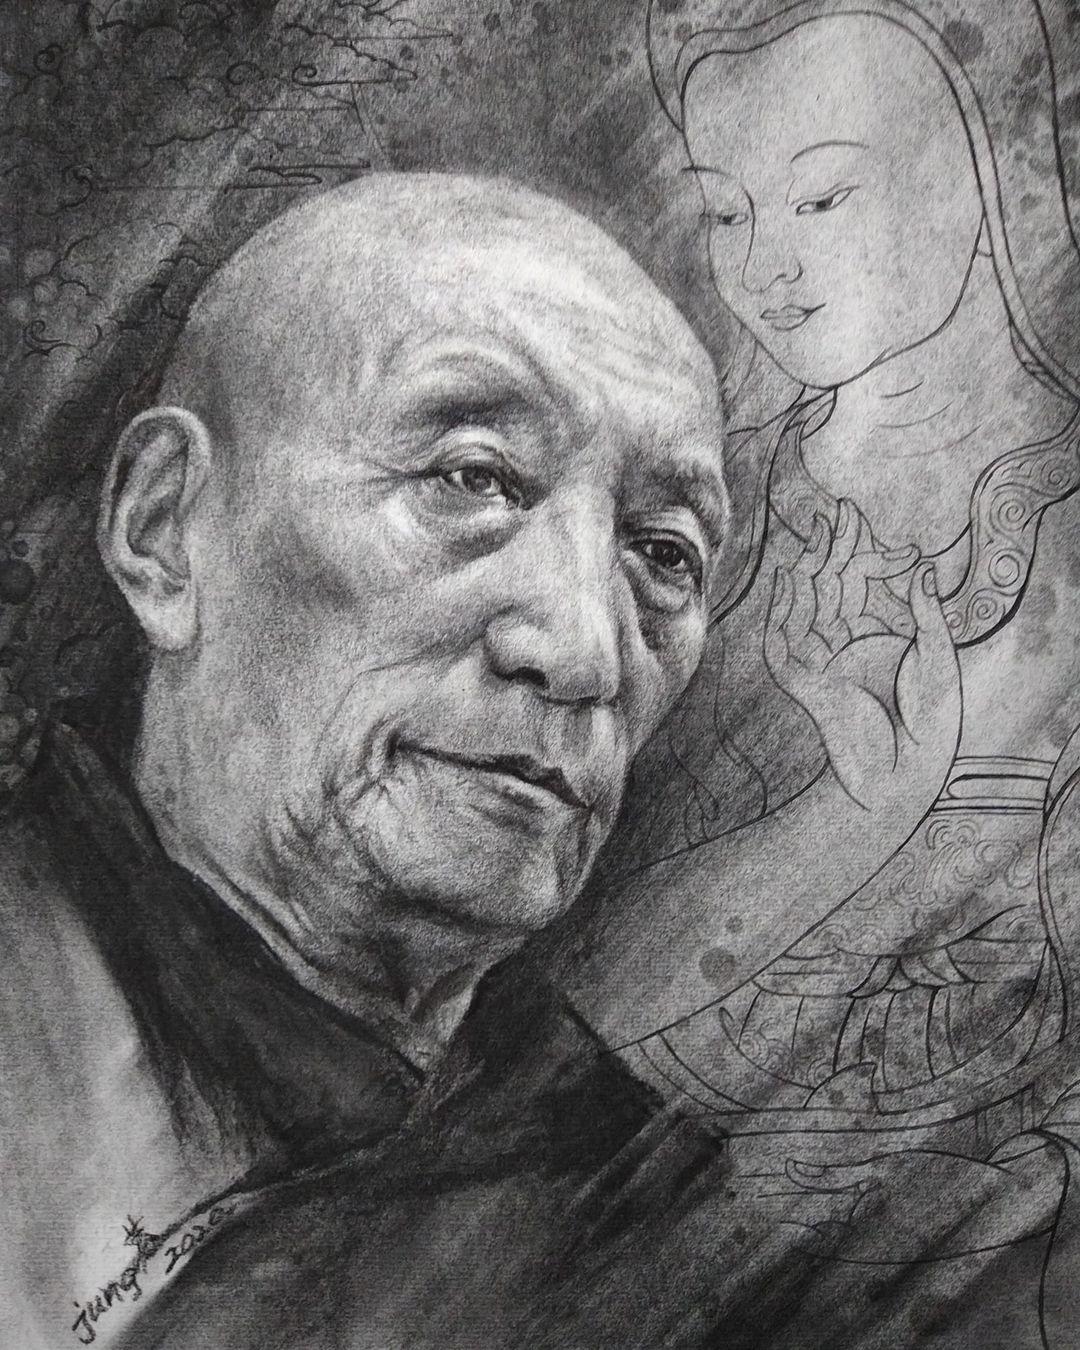 董靜蓉筆下強巴加措老格西,寂天菩薩(藏文:ཞི་བ་ལྷ།)代表其精神。寂天菩薩是古印度那瀾陀寺著名佛教學者、具開創性思想家。(董靜蓉提供)